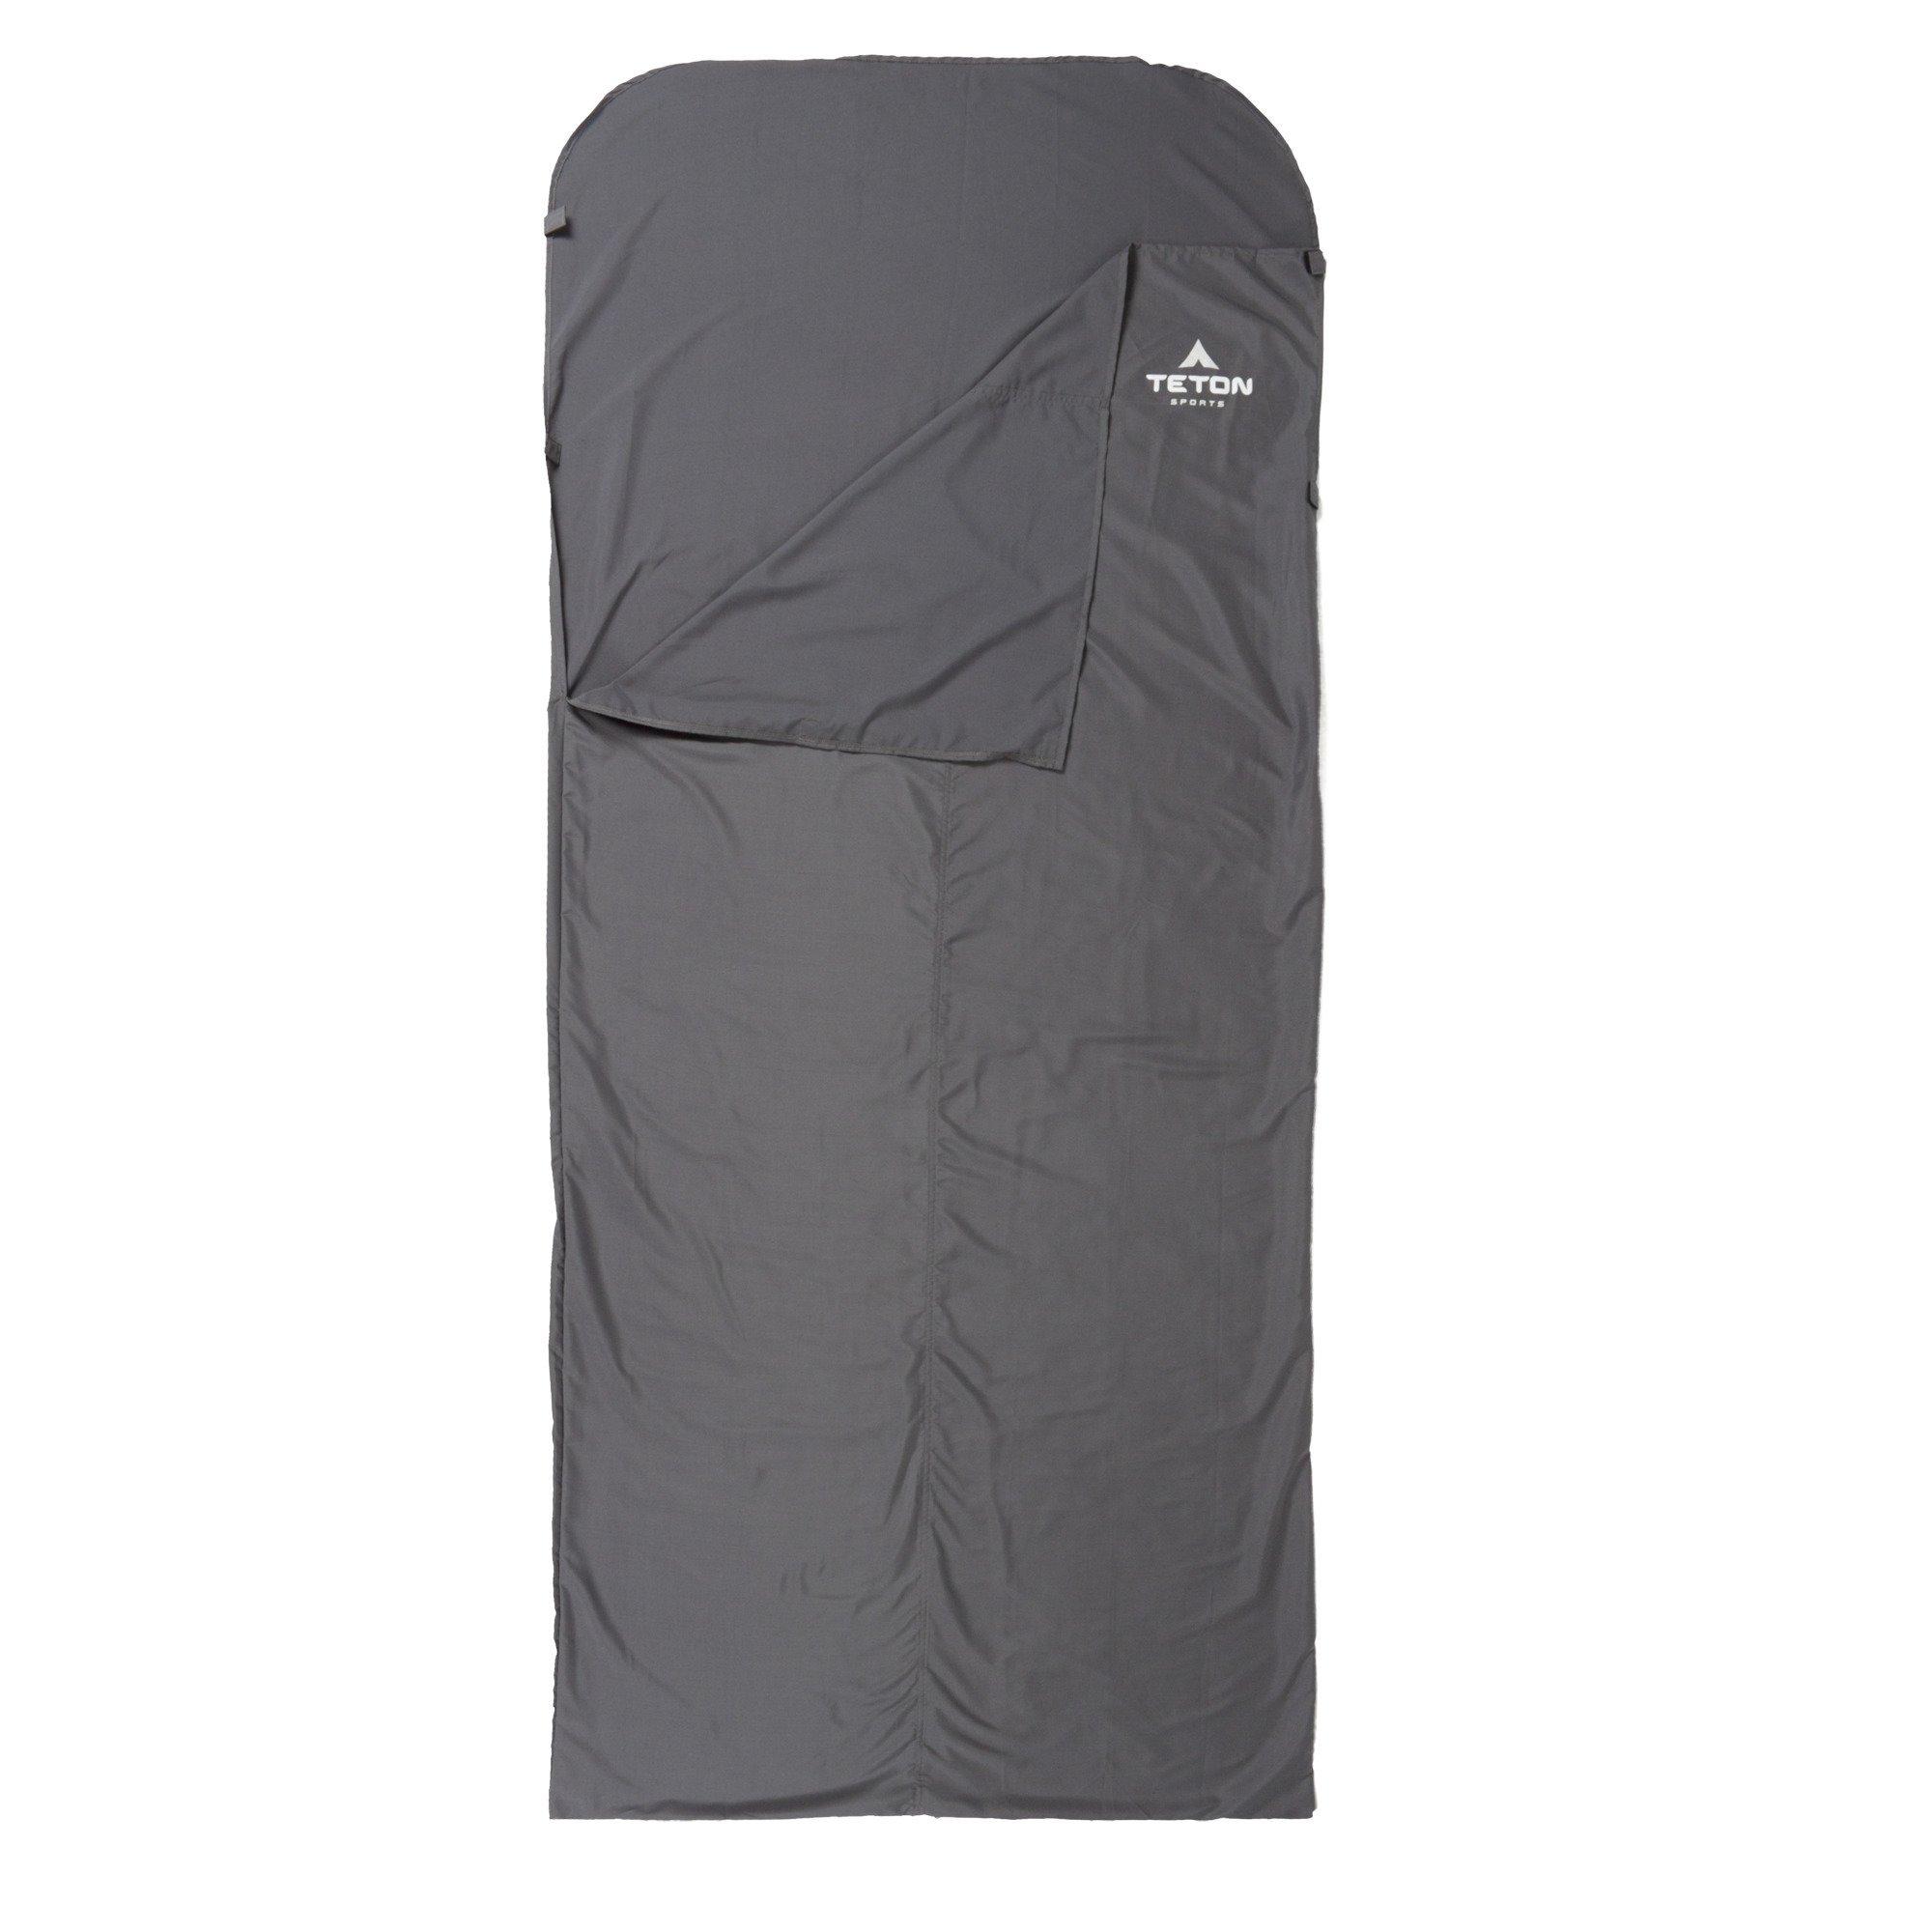 XL SLEEPING BAG LINER